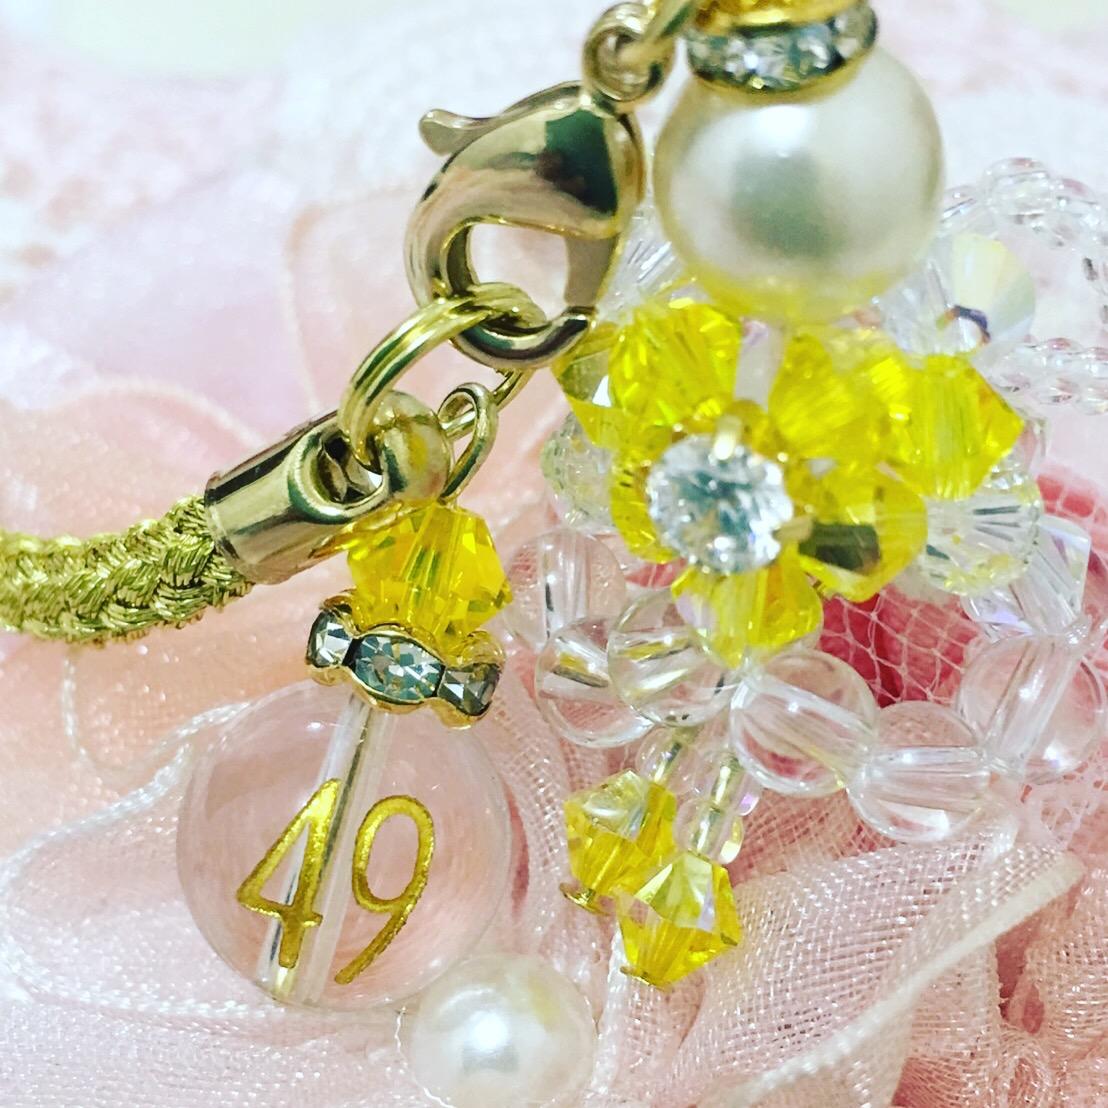 49(よく)なる天使